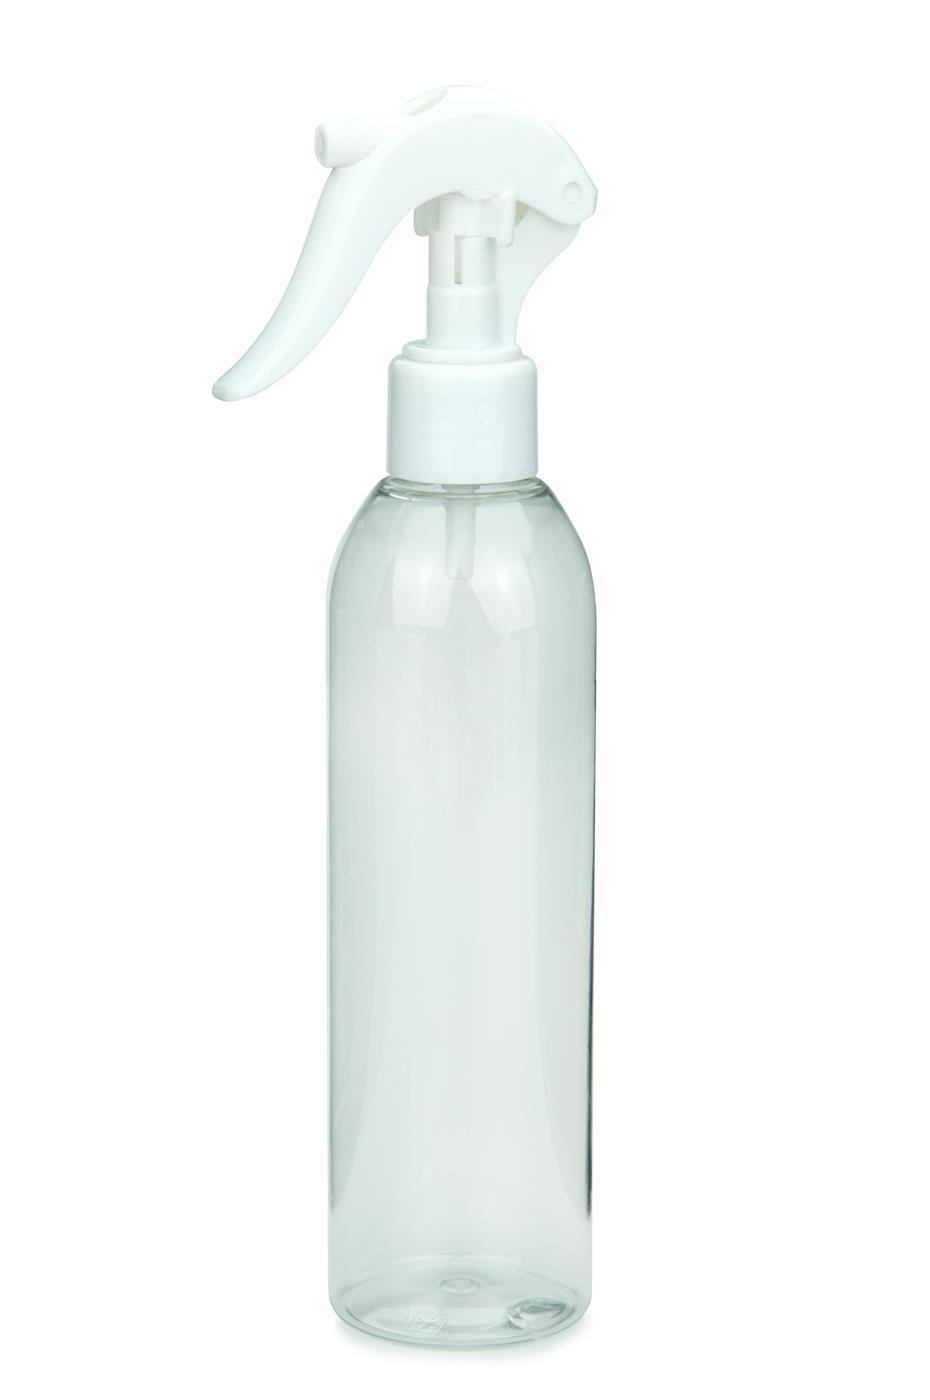 pet flasche aida 250 ml klar mit mini trigger spr hzerst uber 24 410 wei. Black Bedroom Furniture Sets. Home Design Ideas